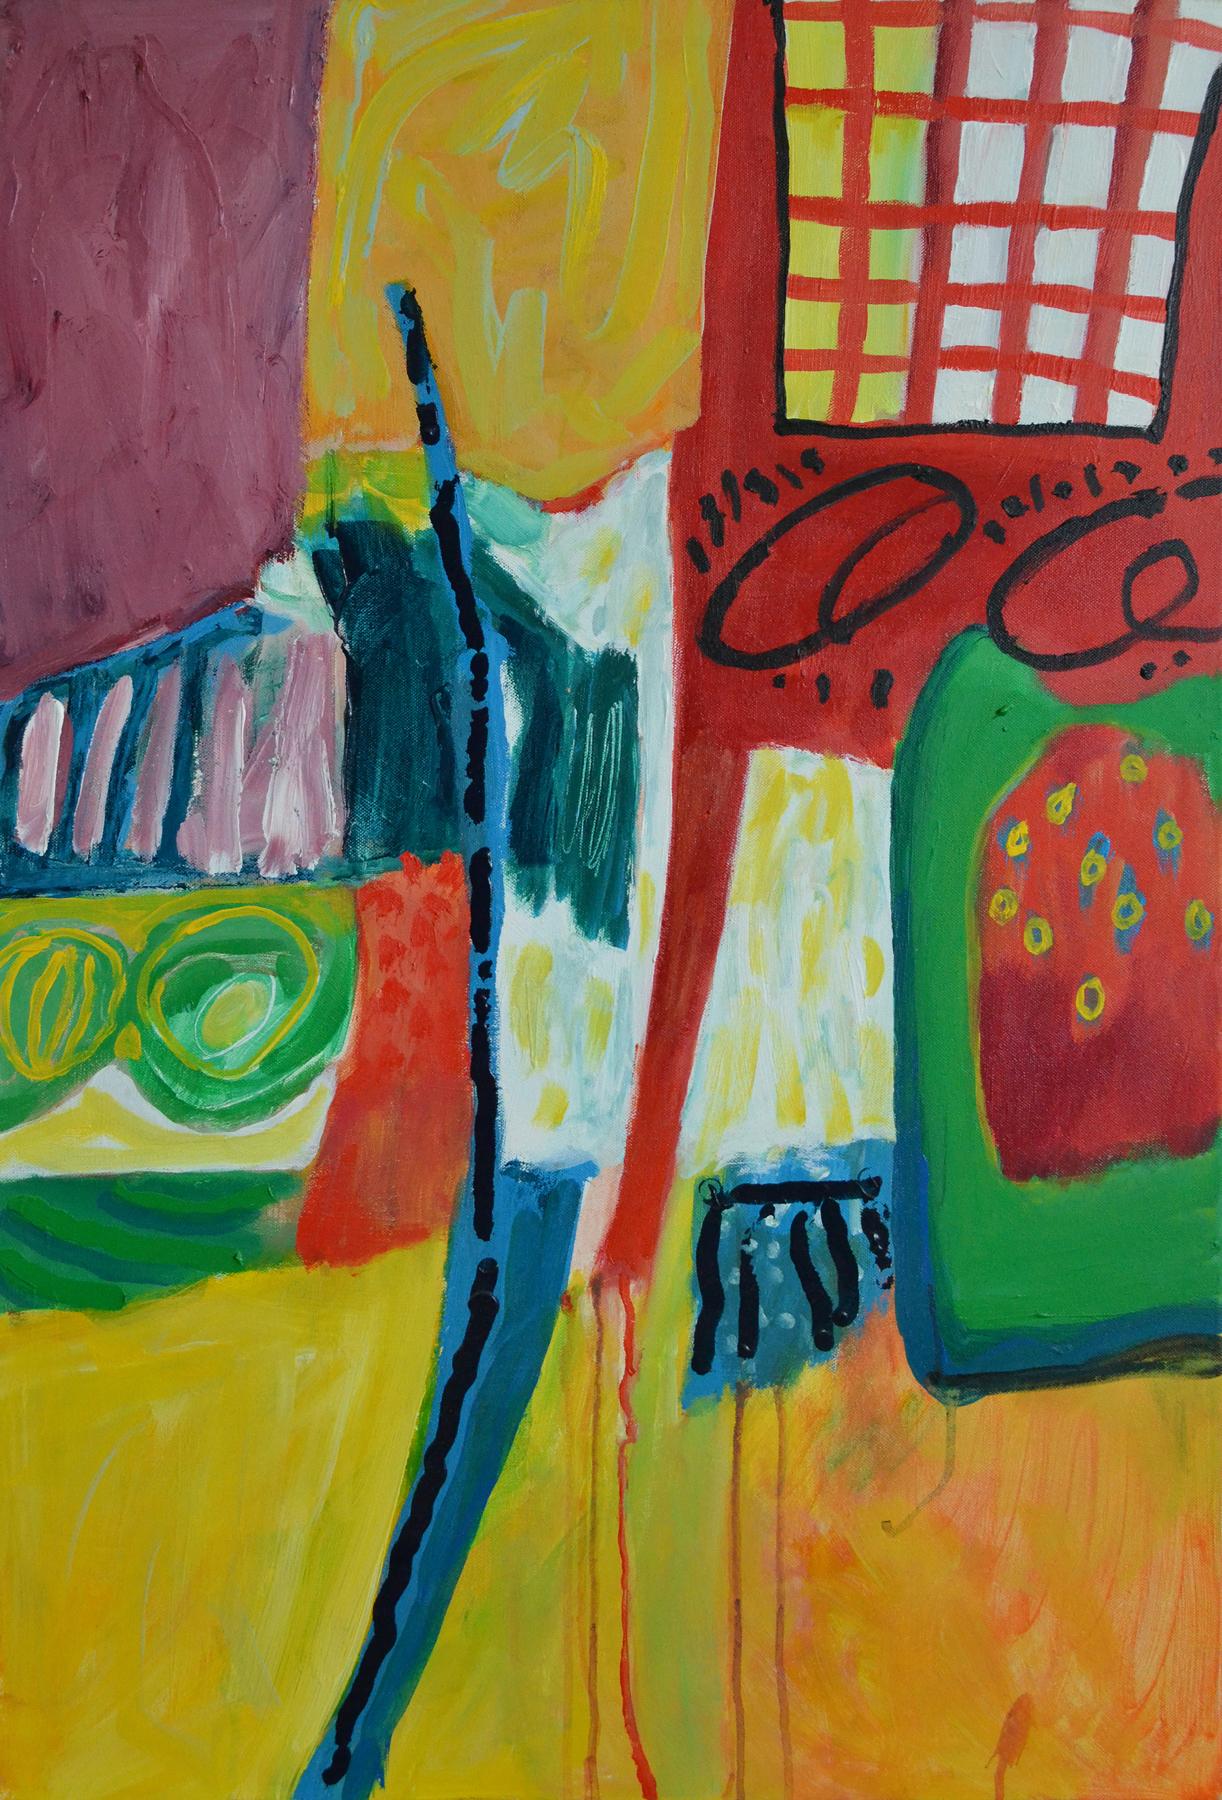 Untitled (Grid Window), 2000.Acrylic on canvas, 24 x 34 in. (61 x 86.4 cm.)